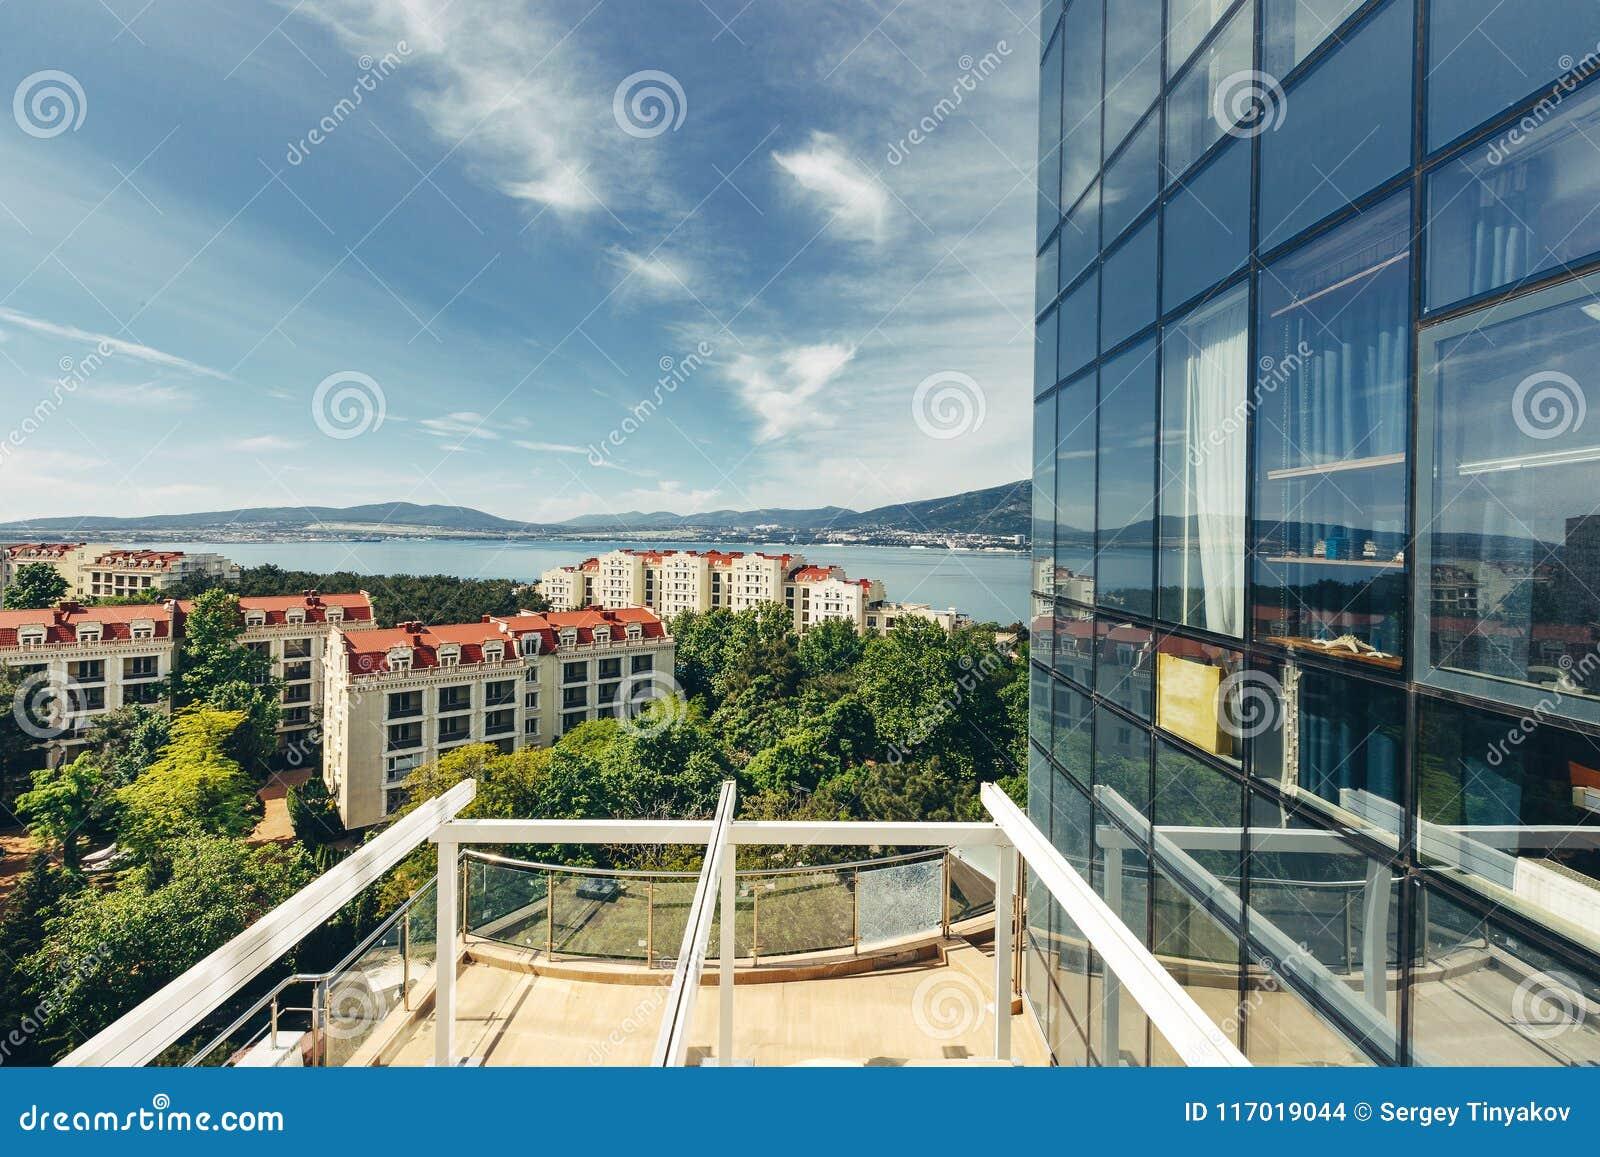 Toneelmening van de stad en het overzees van het balkon van het terras